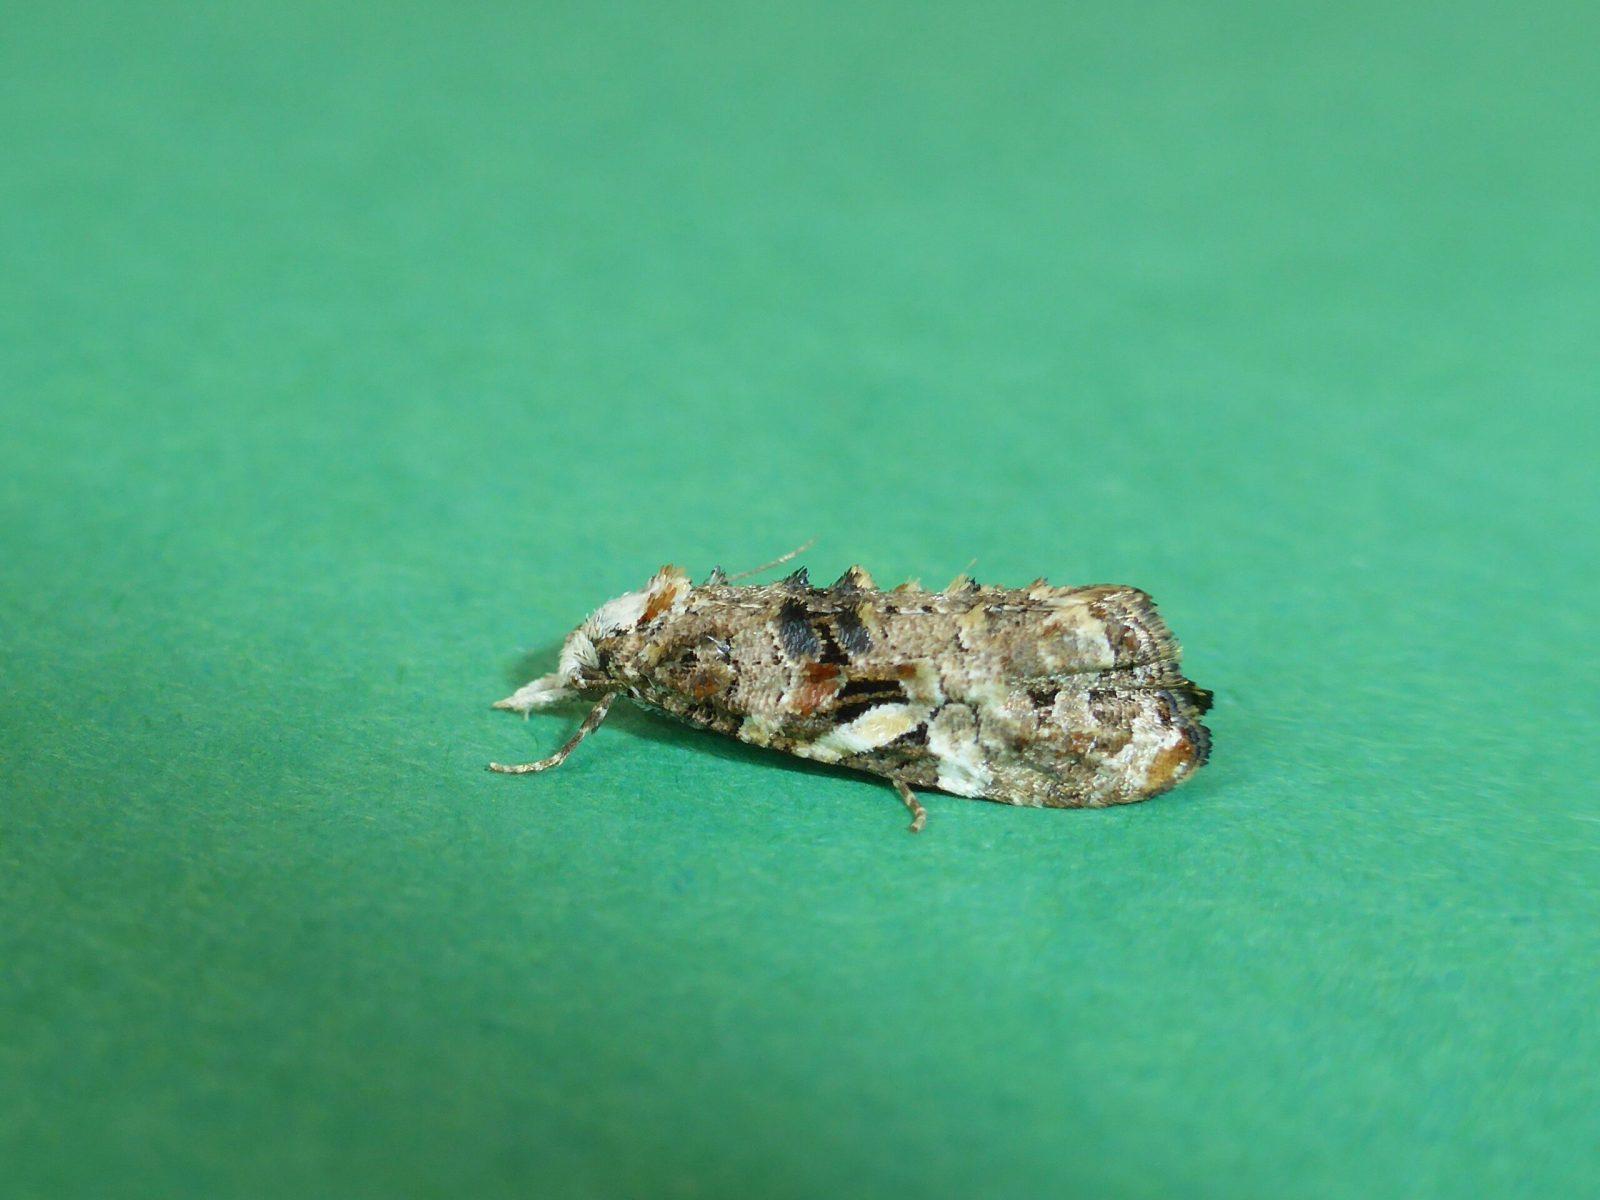 Phtheochroa rugosana - Kirk Smeaton